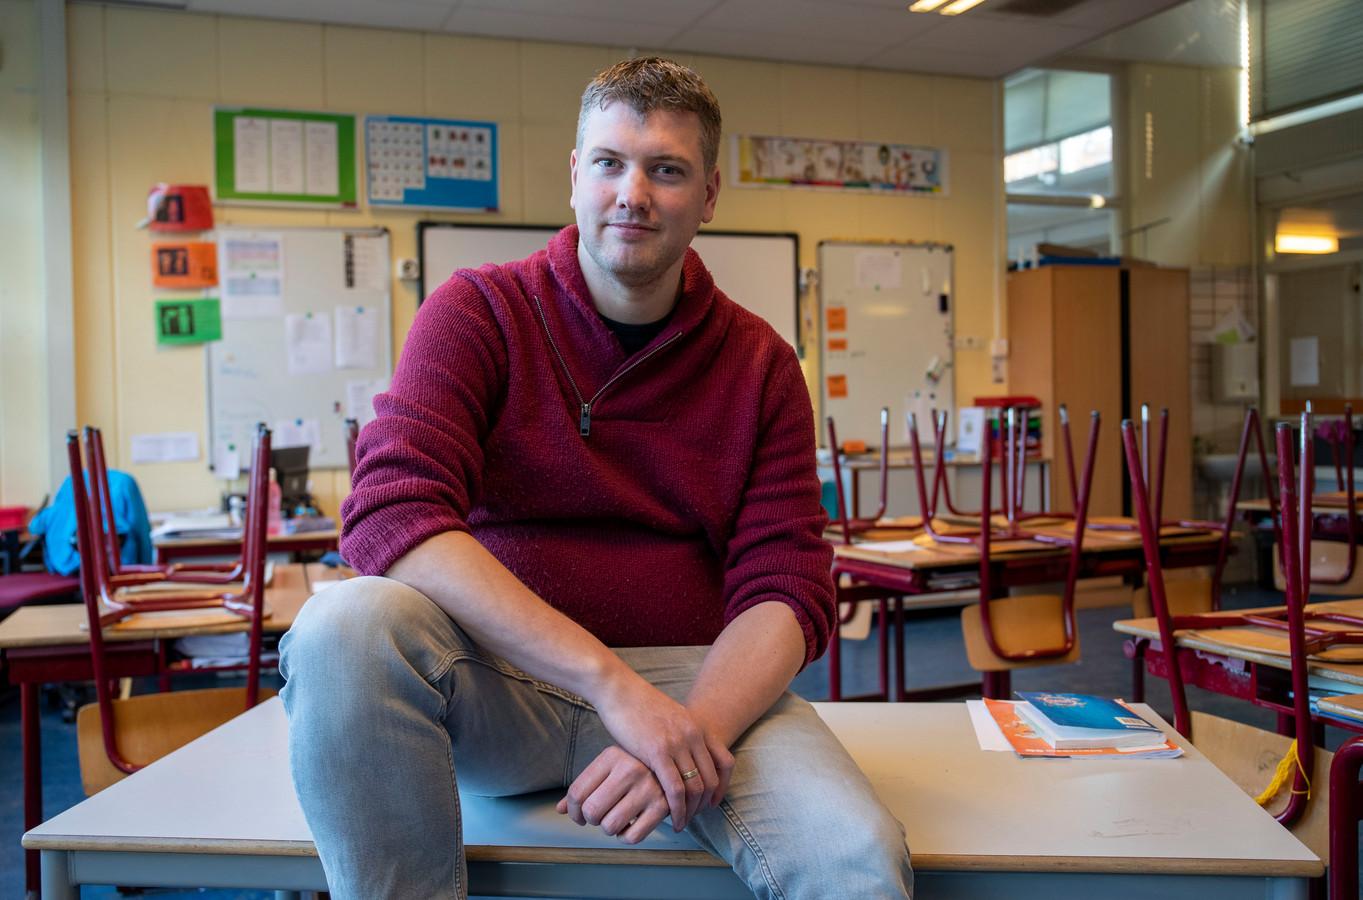 Leerkracht Timon Arentsen in zijn klaslokaal van de Oranje Nassauschool in Ede.